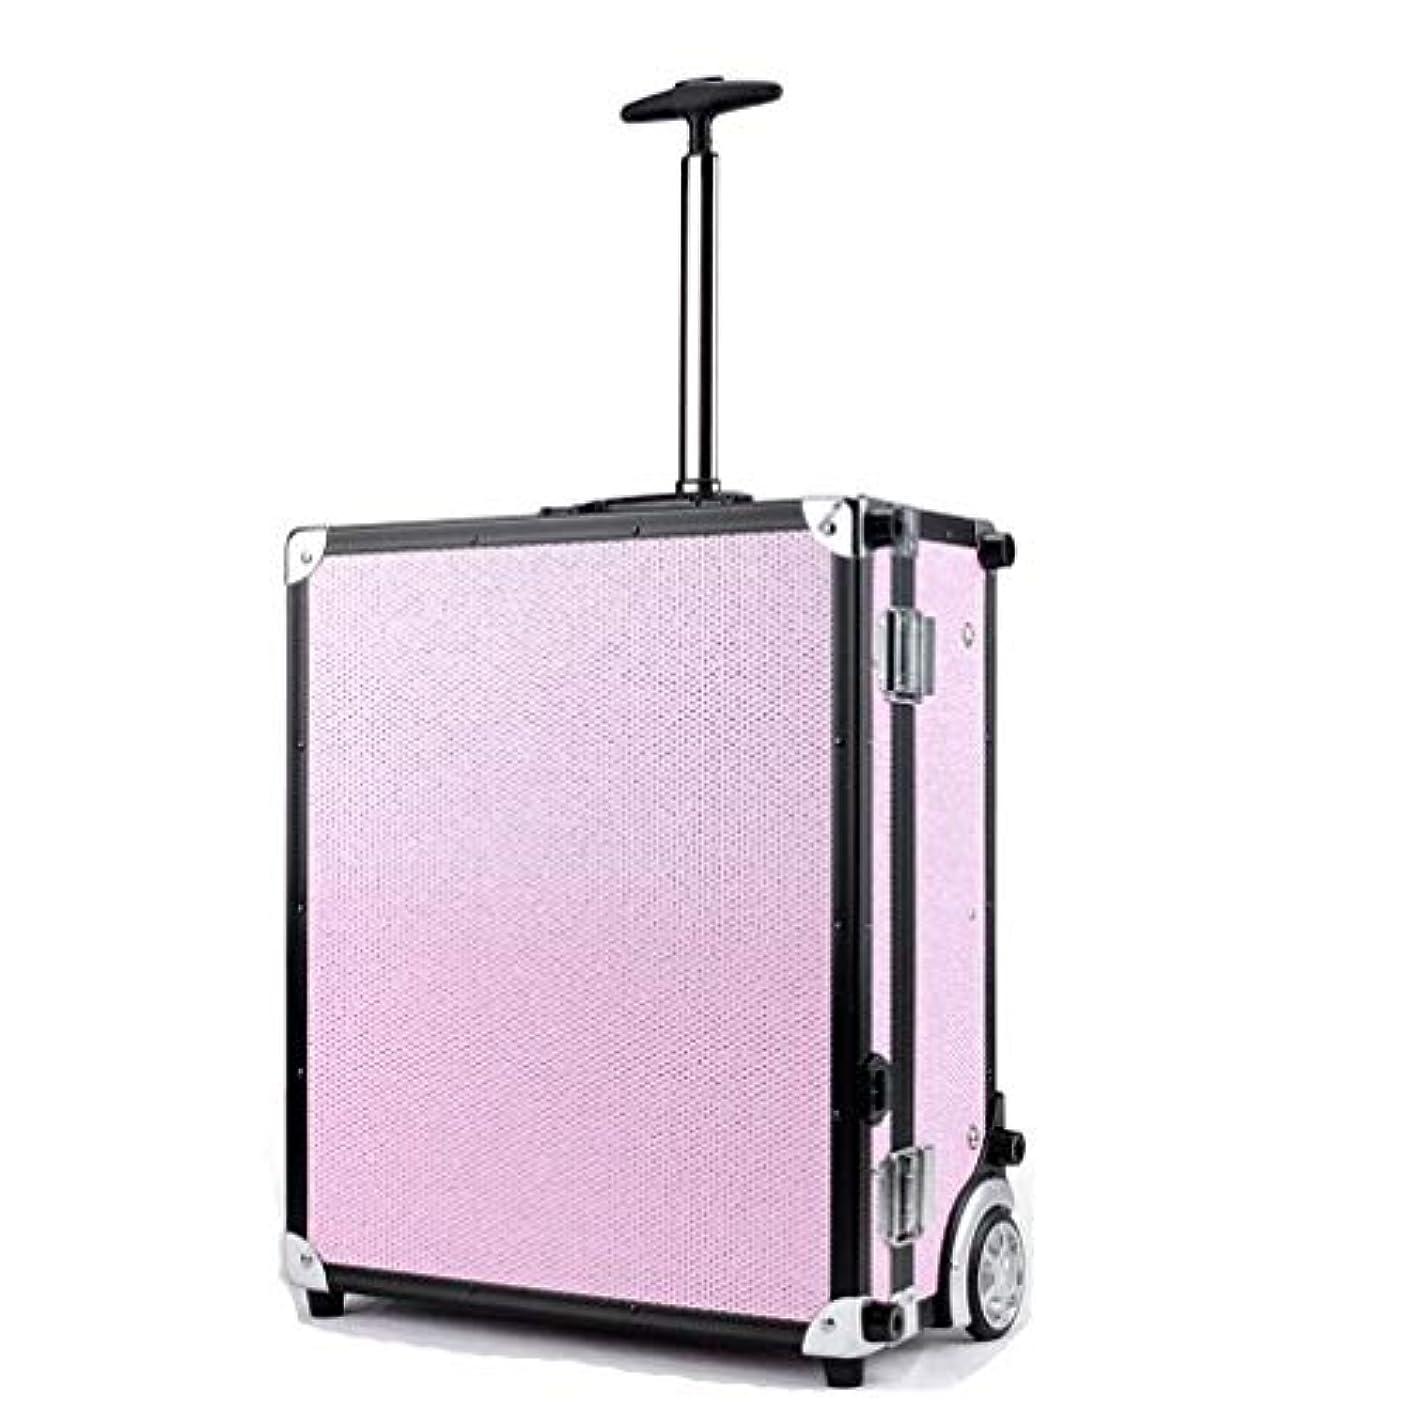 職業極めてアロングBUMC 化粧トロリーケース、大きい化粧化粧列車、LEDライト付き、ダイヤモンドオーガナイザーボックス収納付きプロフェッショナル多層化粧品ケース